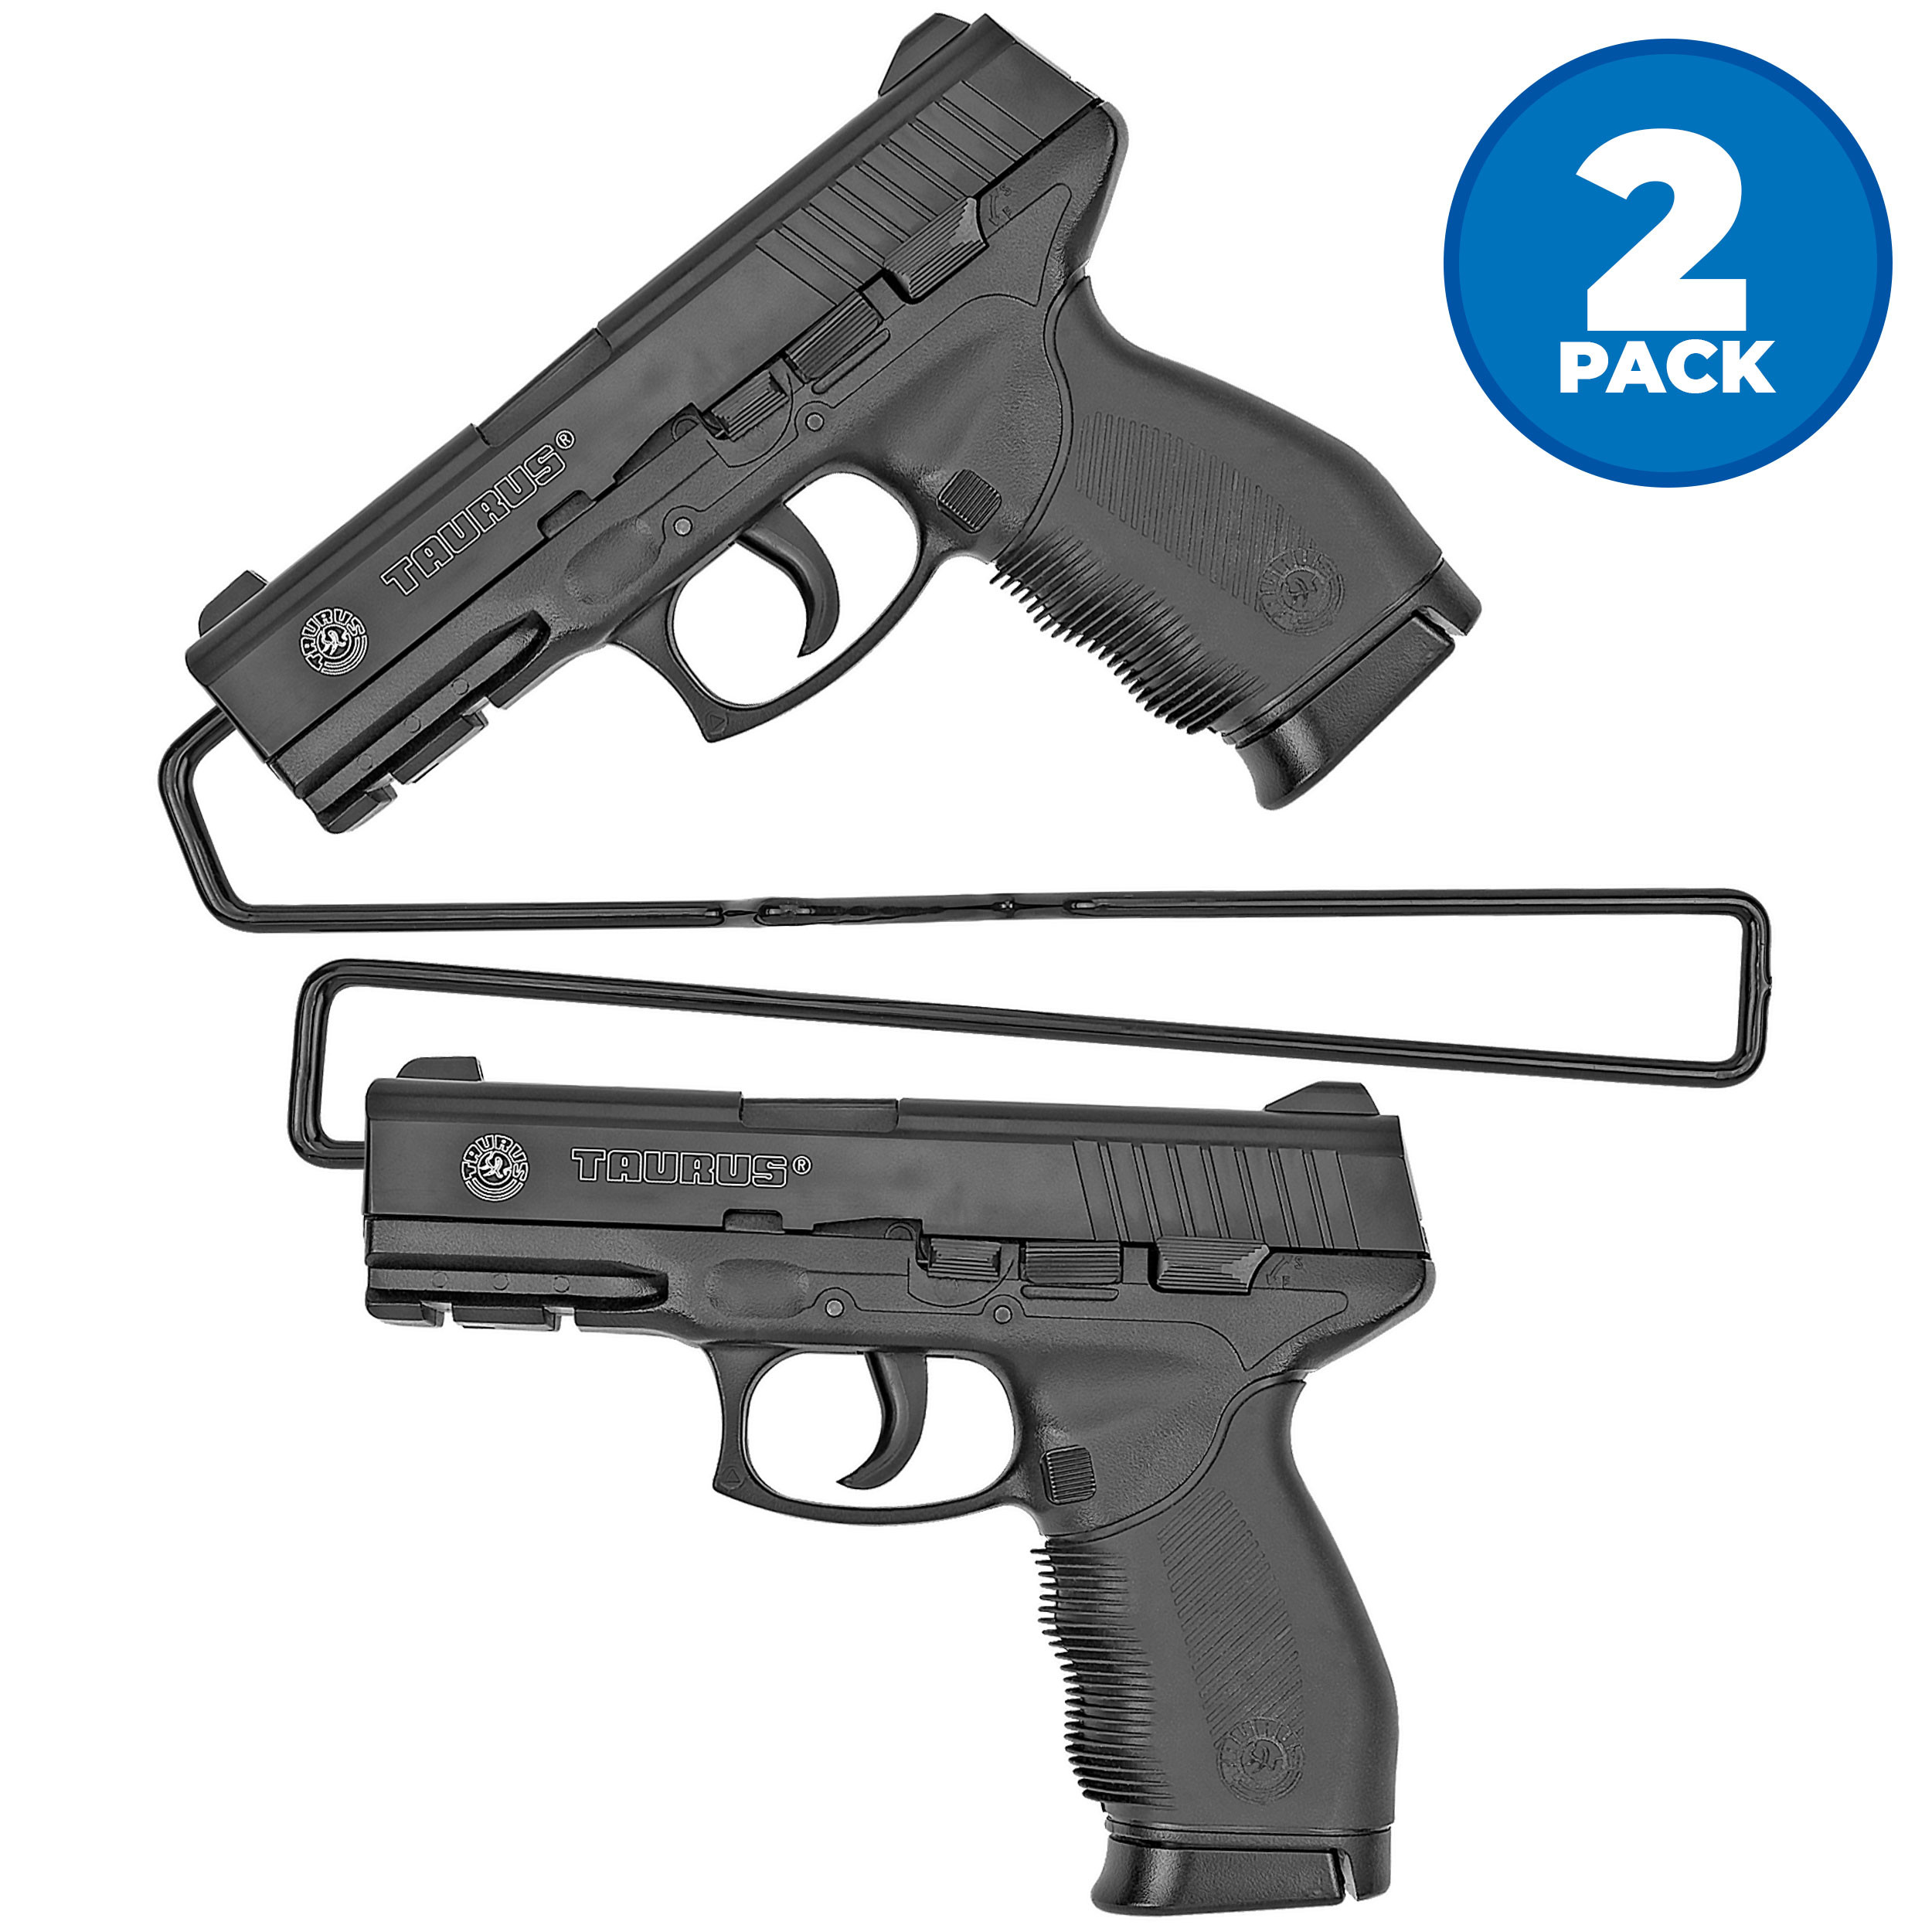 Universal Gun Over/Under Shelf Pistol Hangers, Set of 2